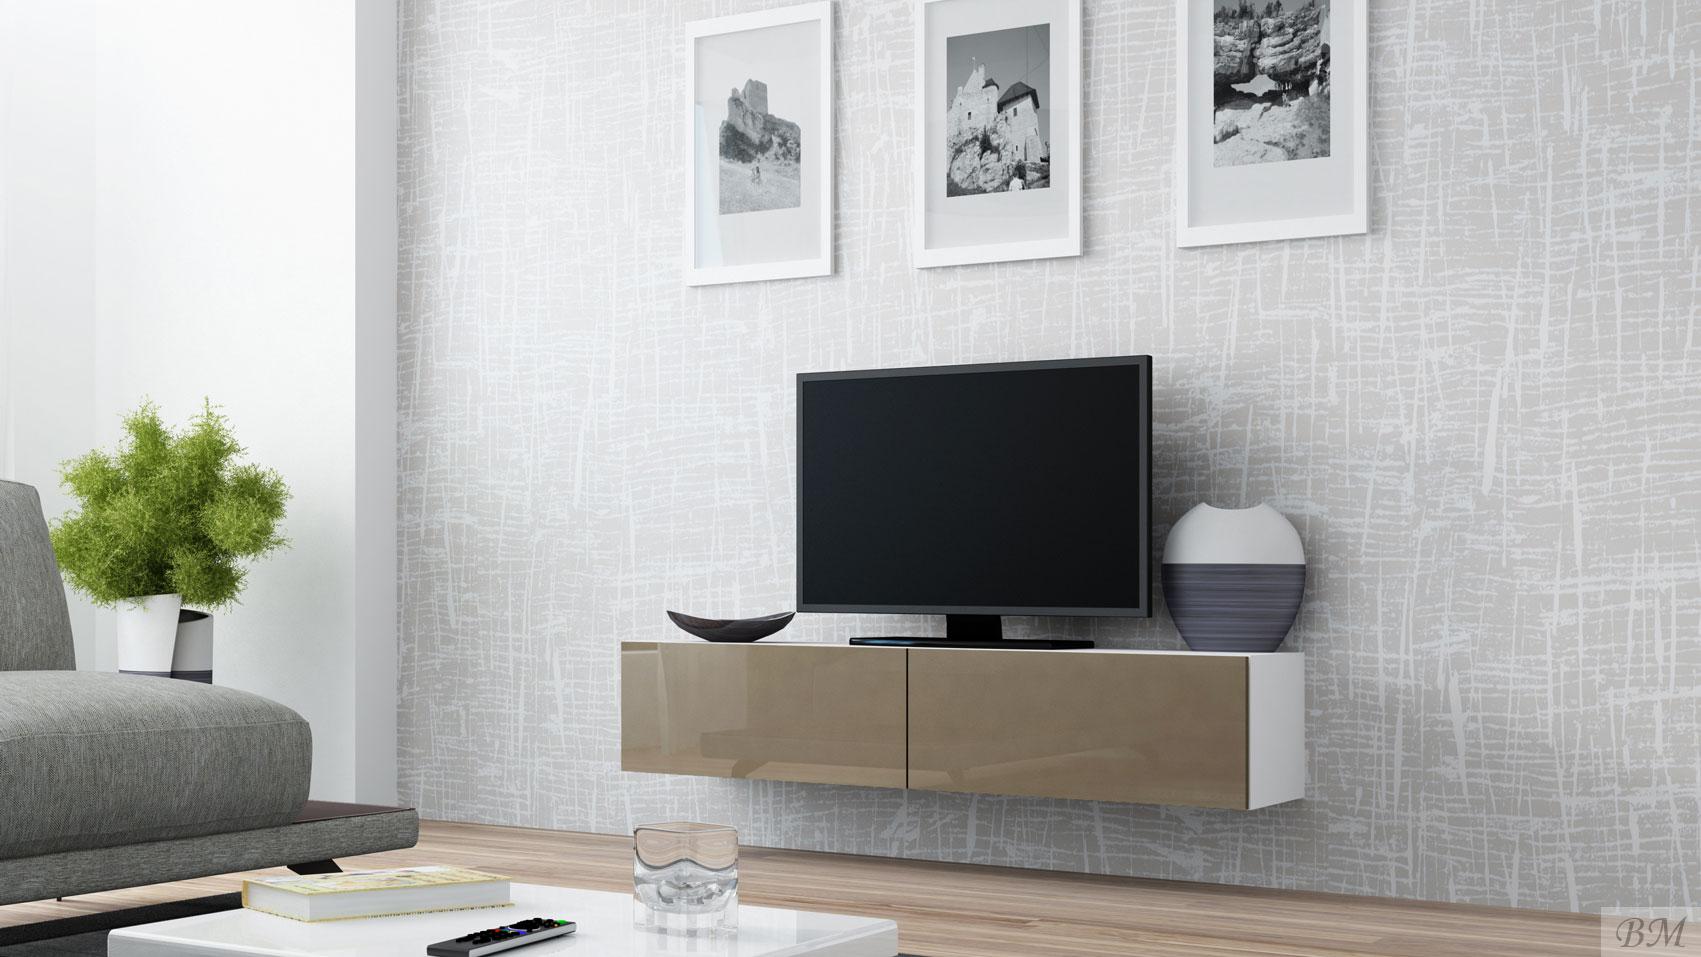 Купить Мебель Cama meble TV VIGO 140 ТВ комоды тумбы Польша galds